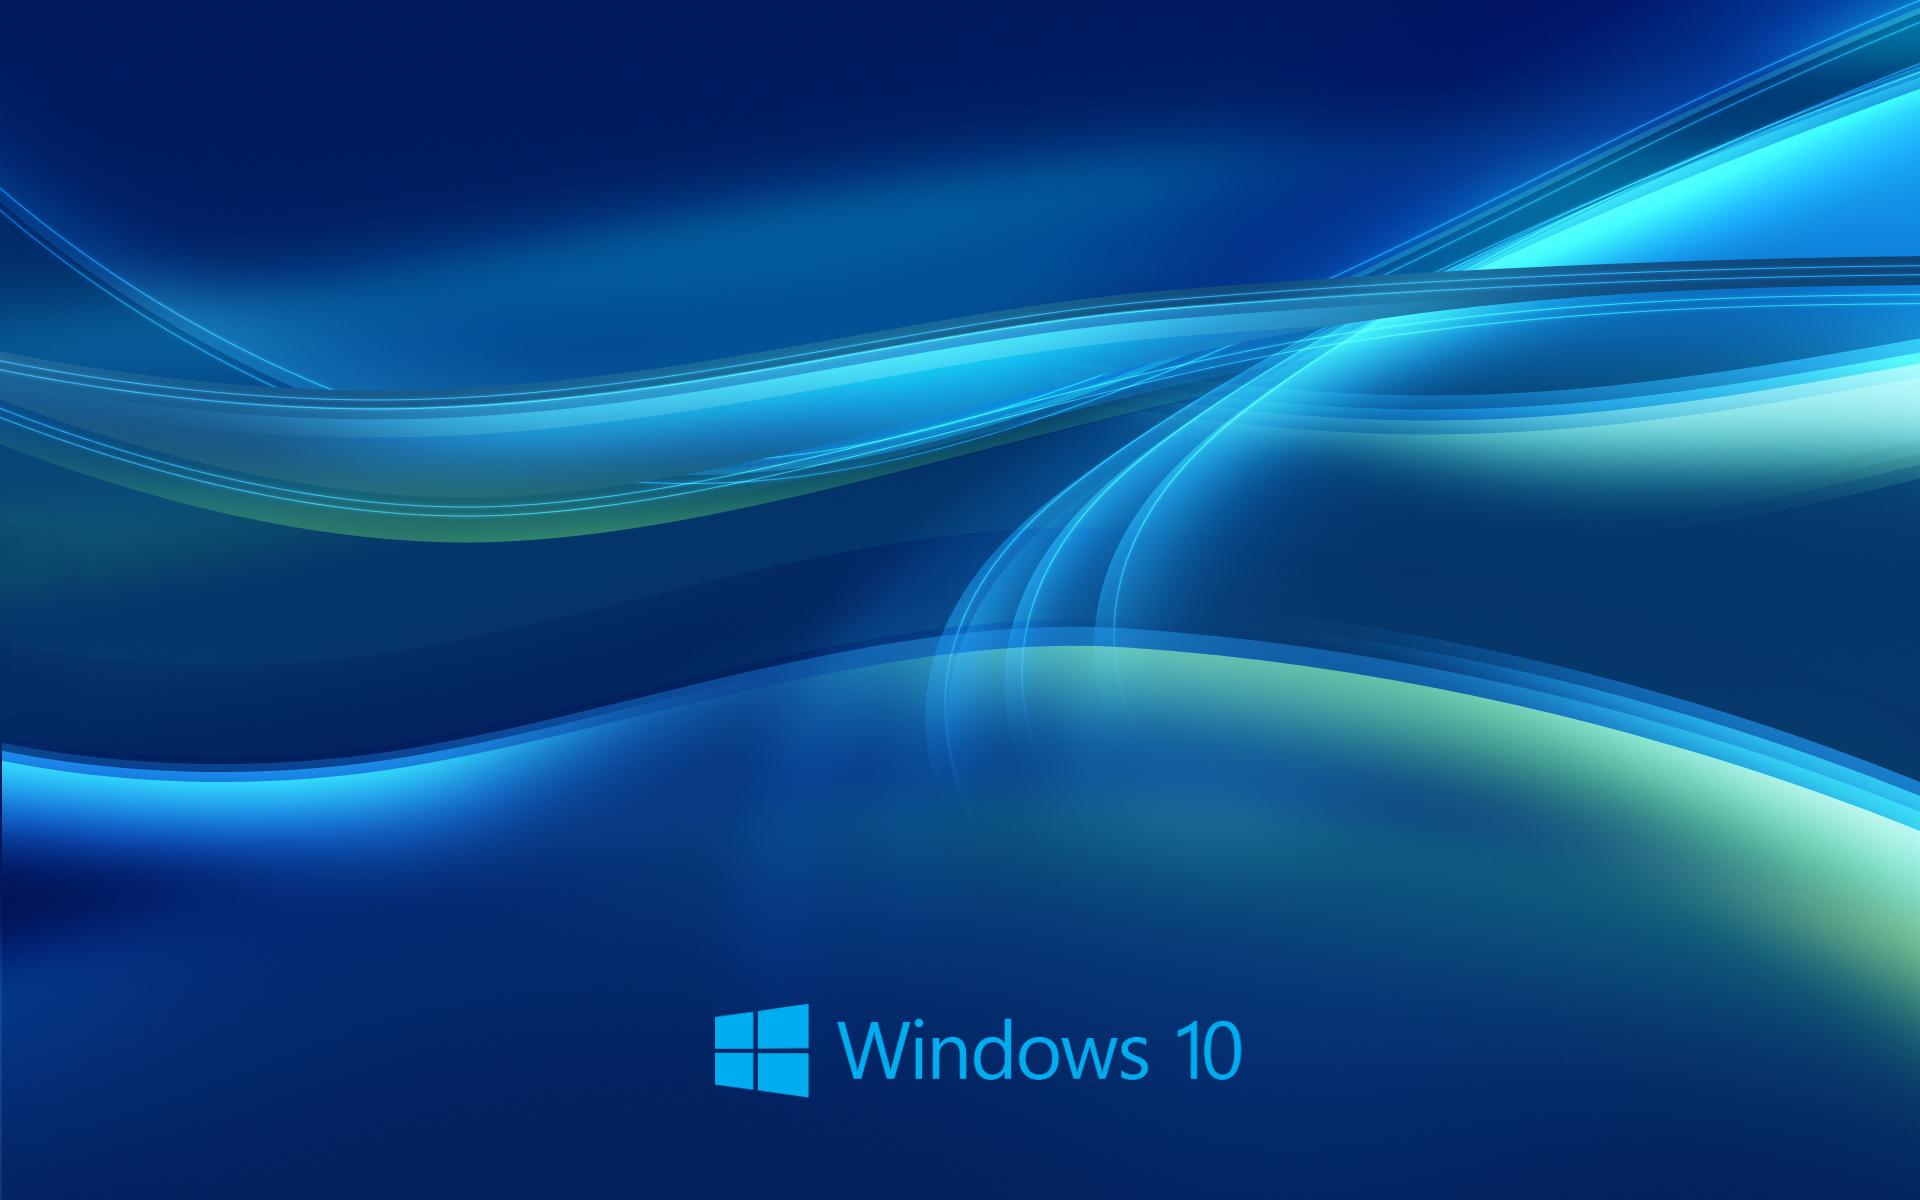 Best Windows 10 Wallpapers HD 1080p Tech 63 1920x1200